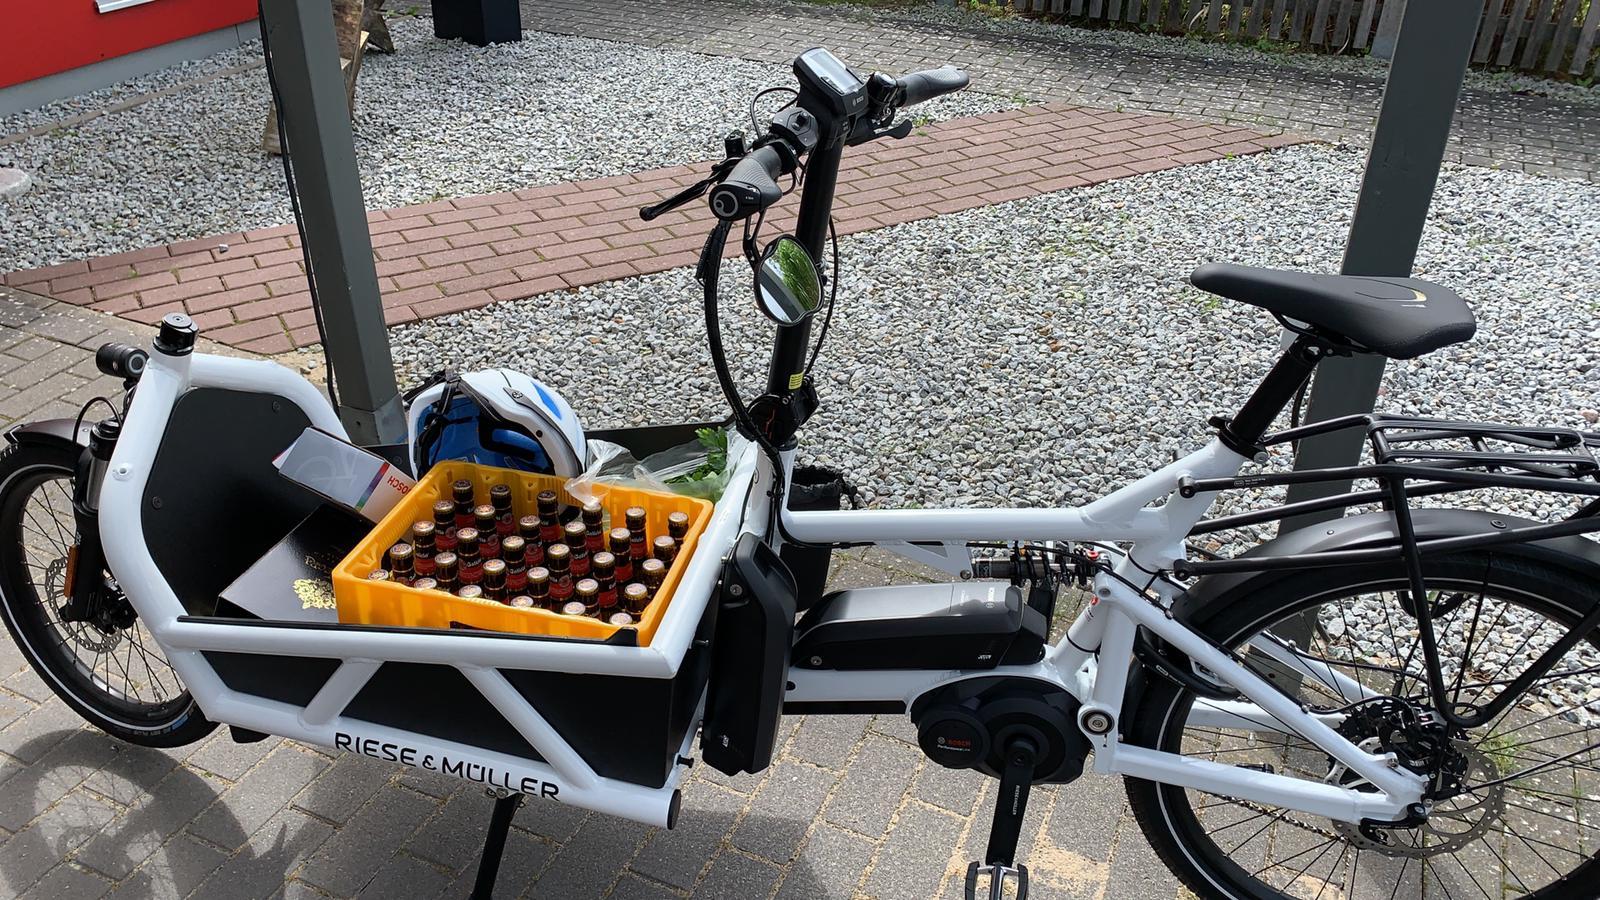 Mit dem Lastenrad erledigt man gerne den Wochenend-Einkauf. Eine Kiste Bier....Zwei Kisten Bier....Drei Kisten Bier.... Kein Problem für das Riese & Müller Load.